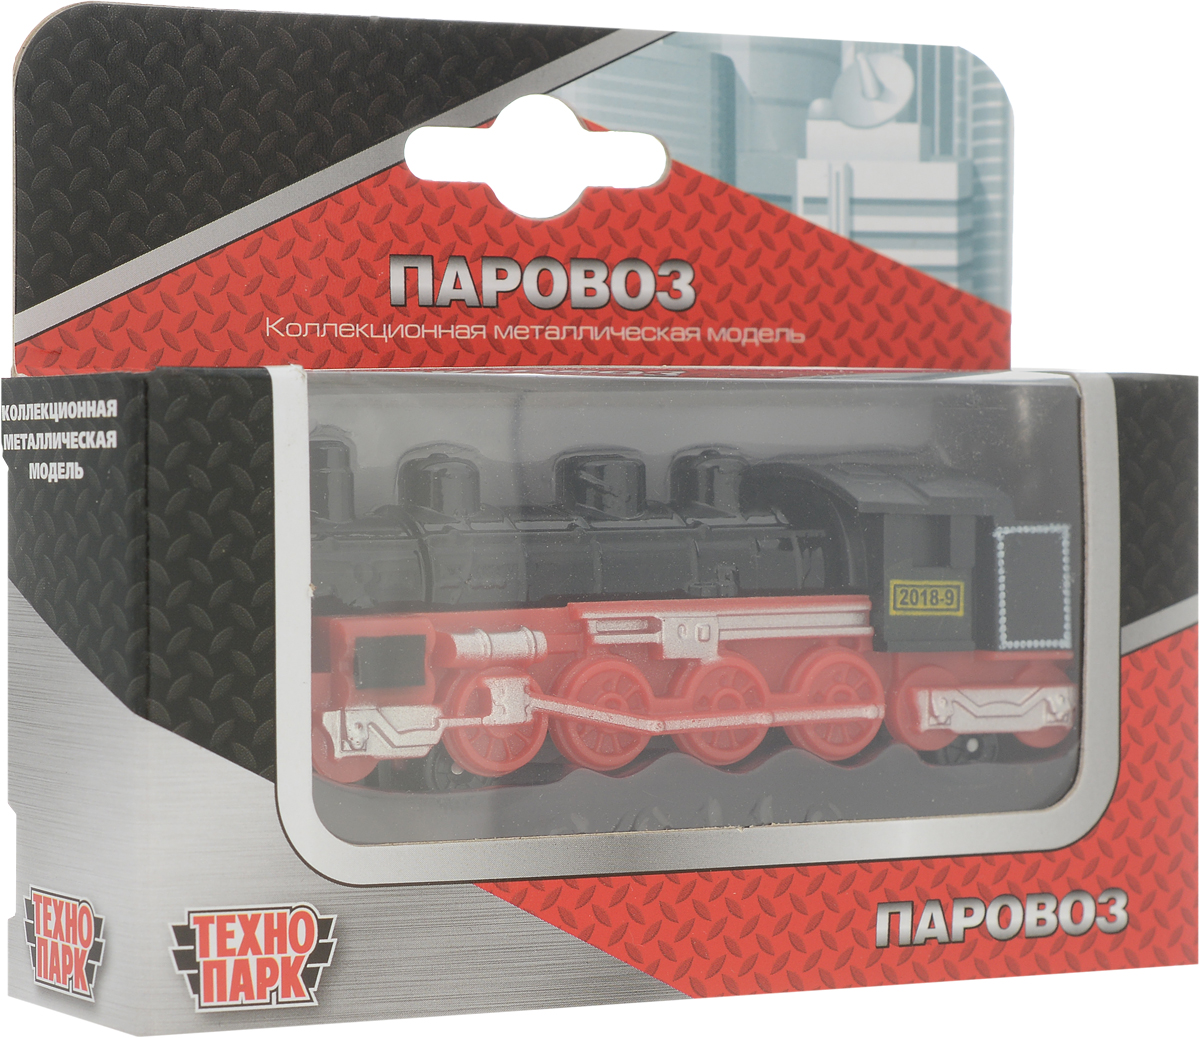 ТехноПарк Паровоз цвет черный красный ТехноПарк